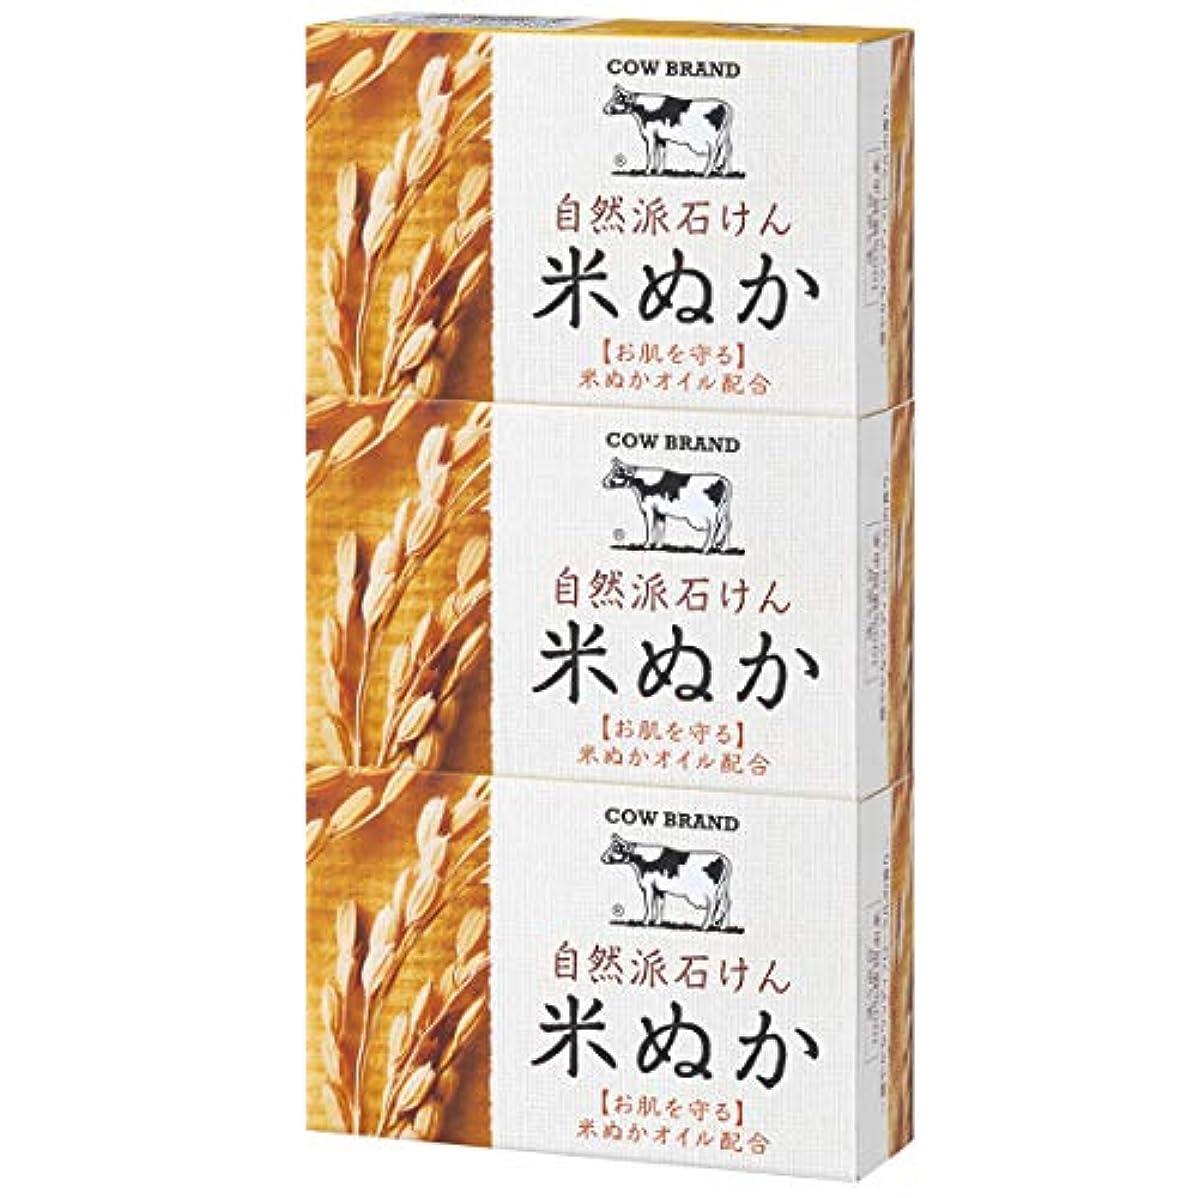 将来のシェーバー避難カウブランド 自然派石けん 米ぬか 100g*3個